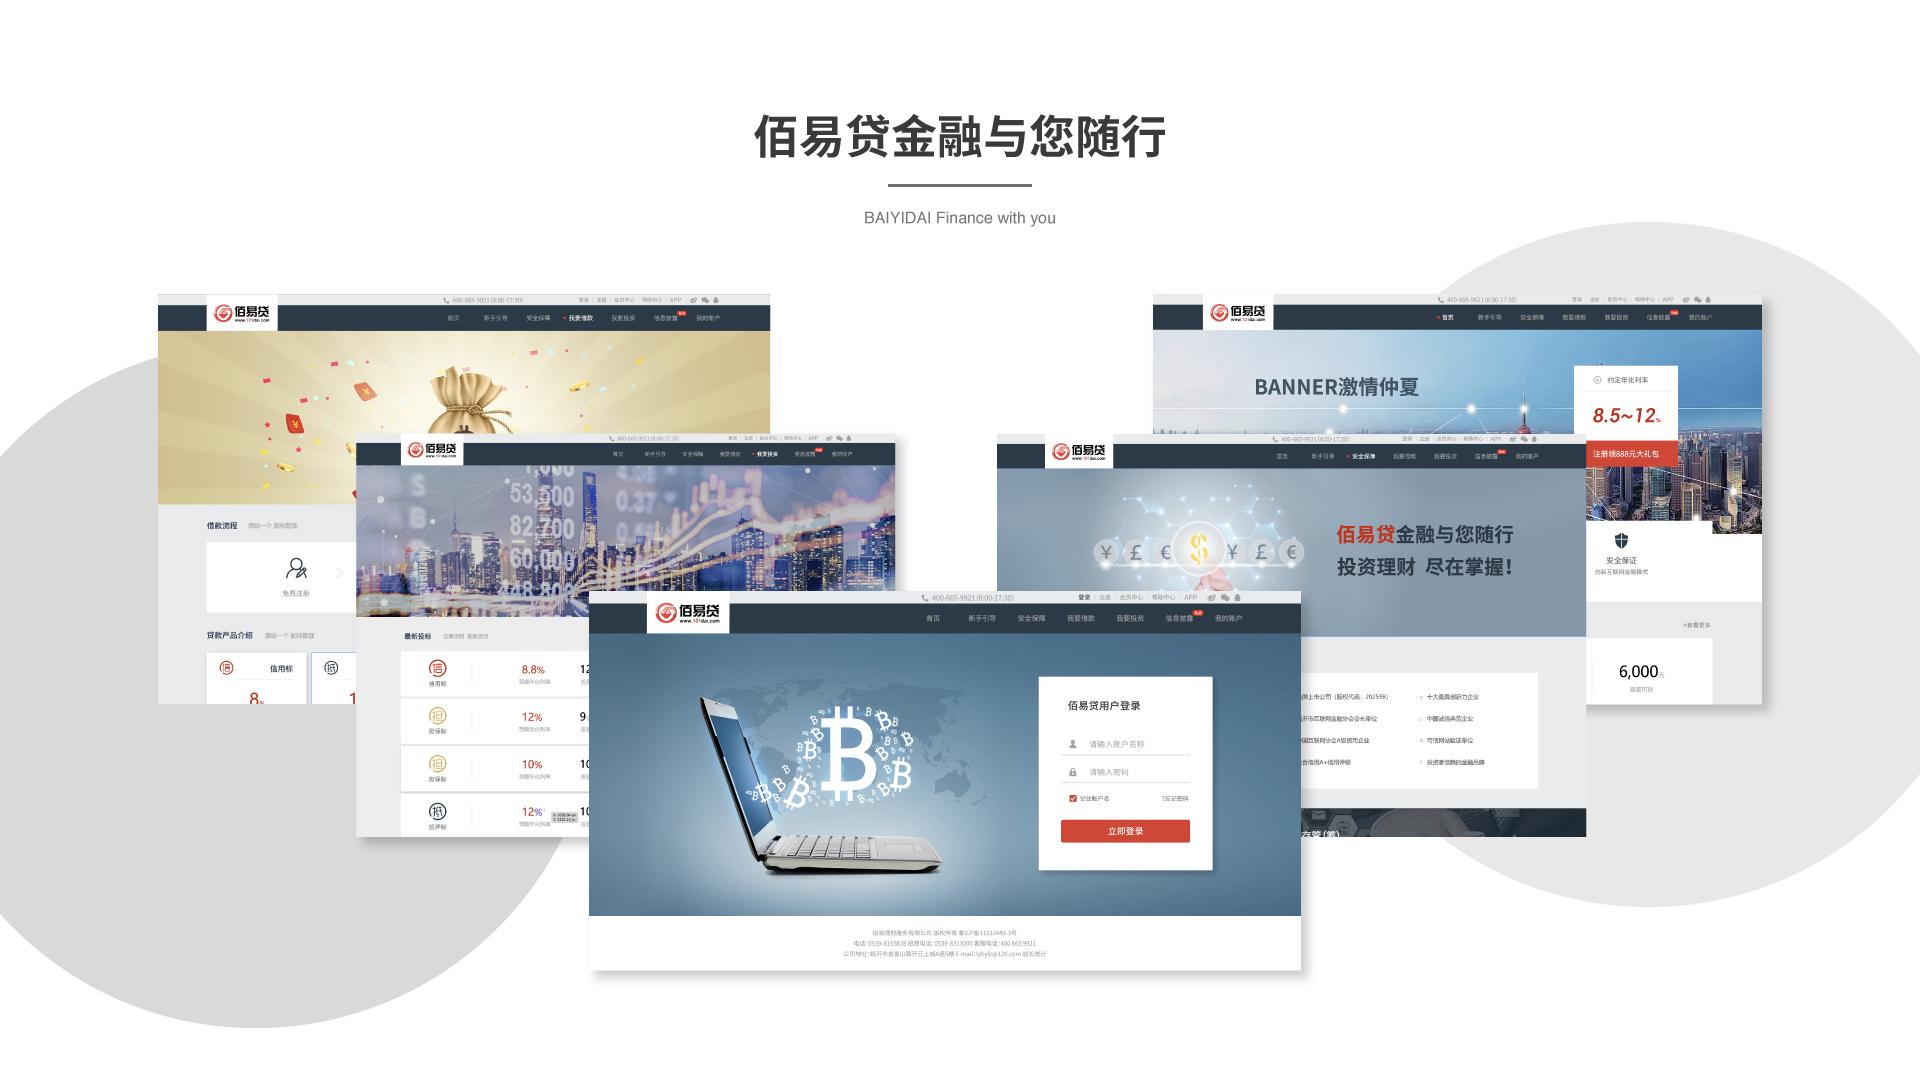 互联网金融平台UI设计